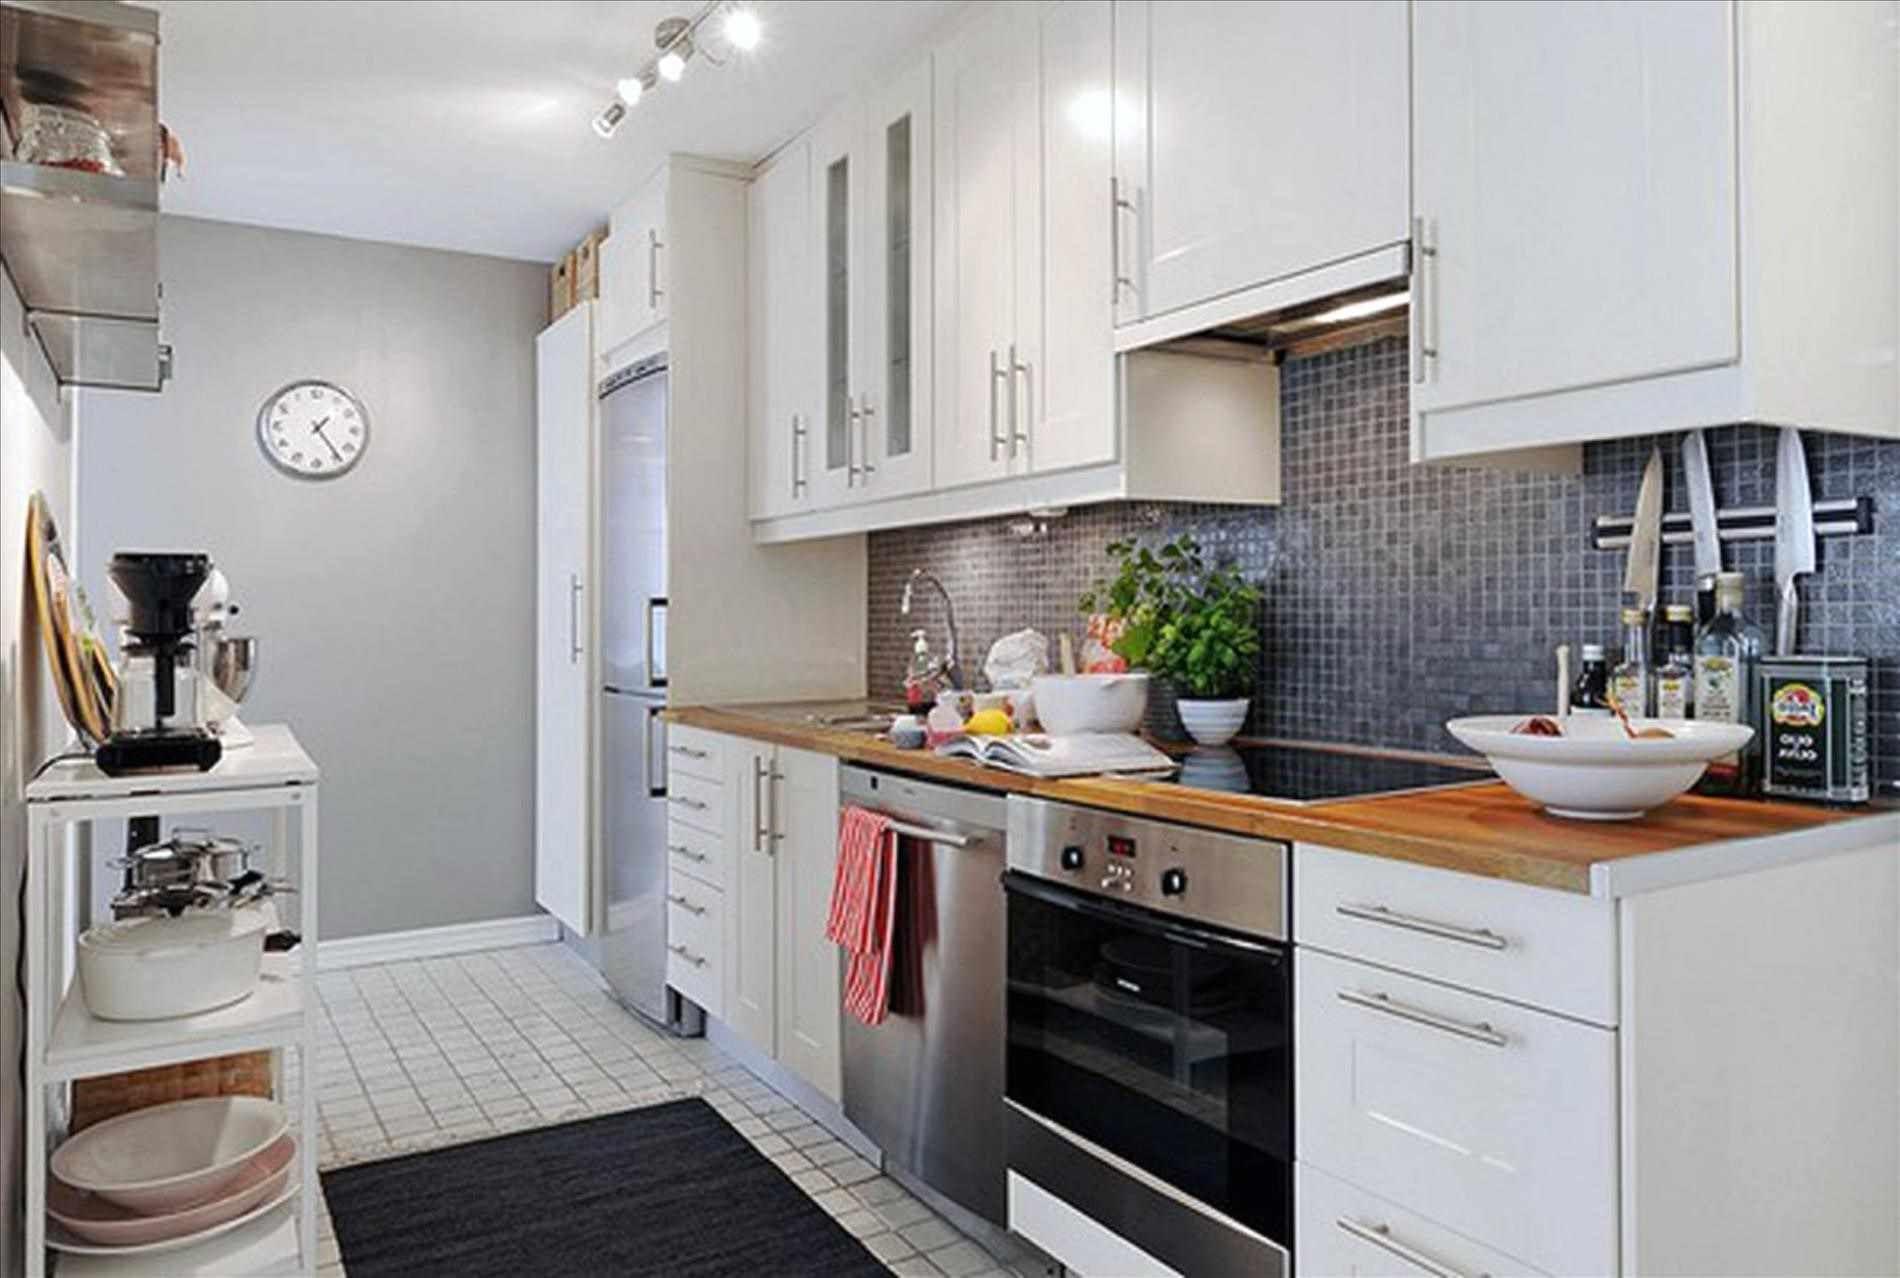 Weissen Kuche Design Ideen Layouts Arbeitsplatte Mit Schranken Moderne Schranke Und Modern Kitchen Cabinet Design Elegant Kitchen Design Kitchen Cabinet Design